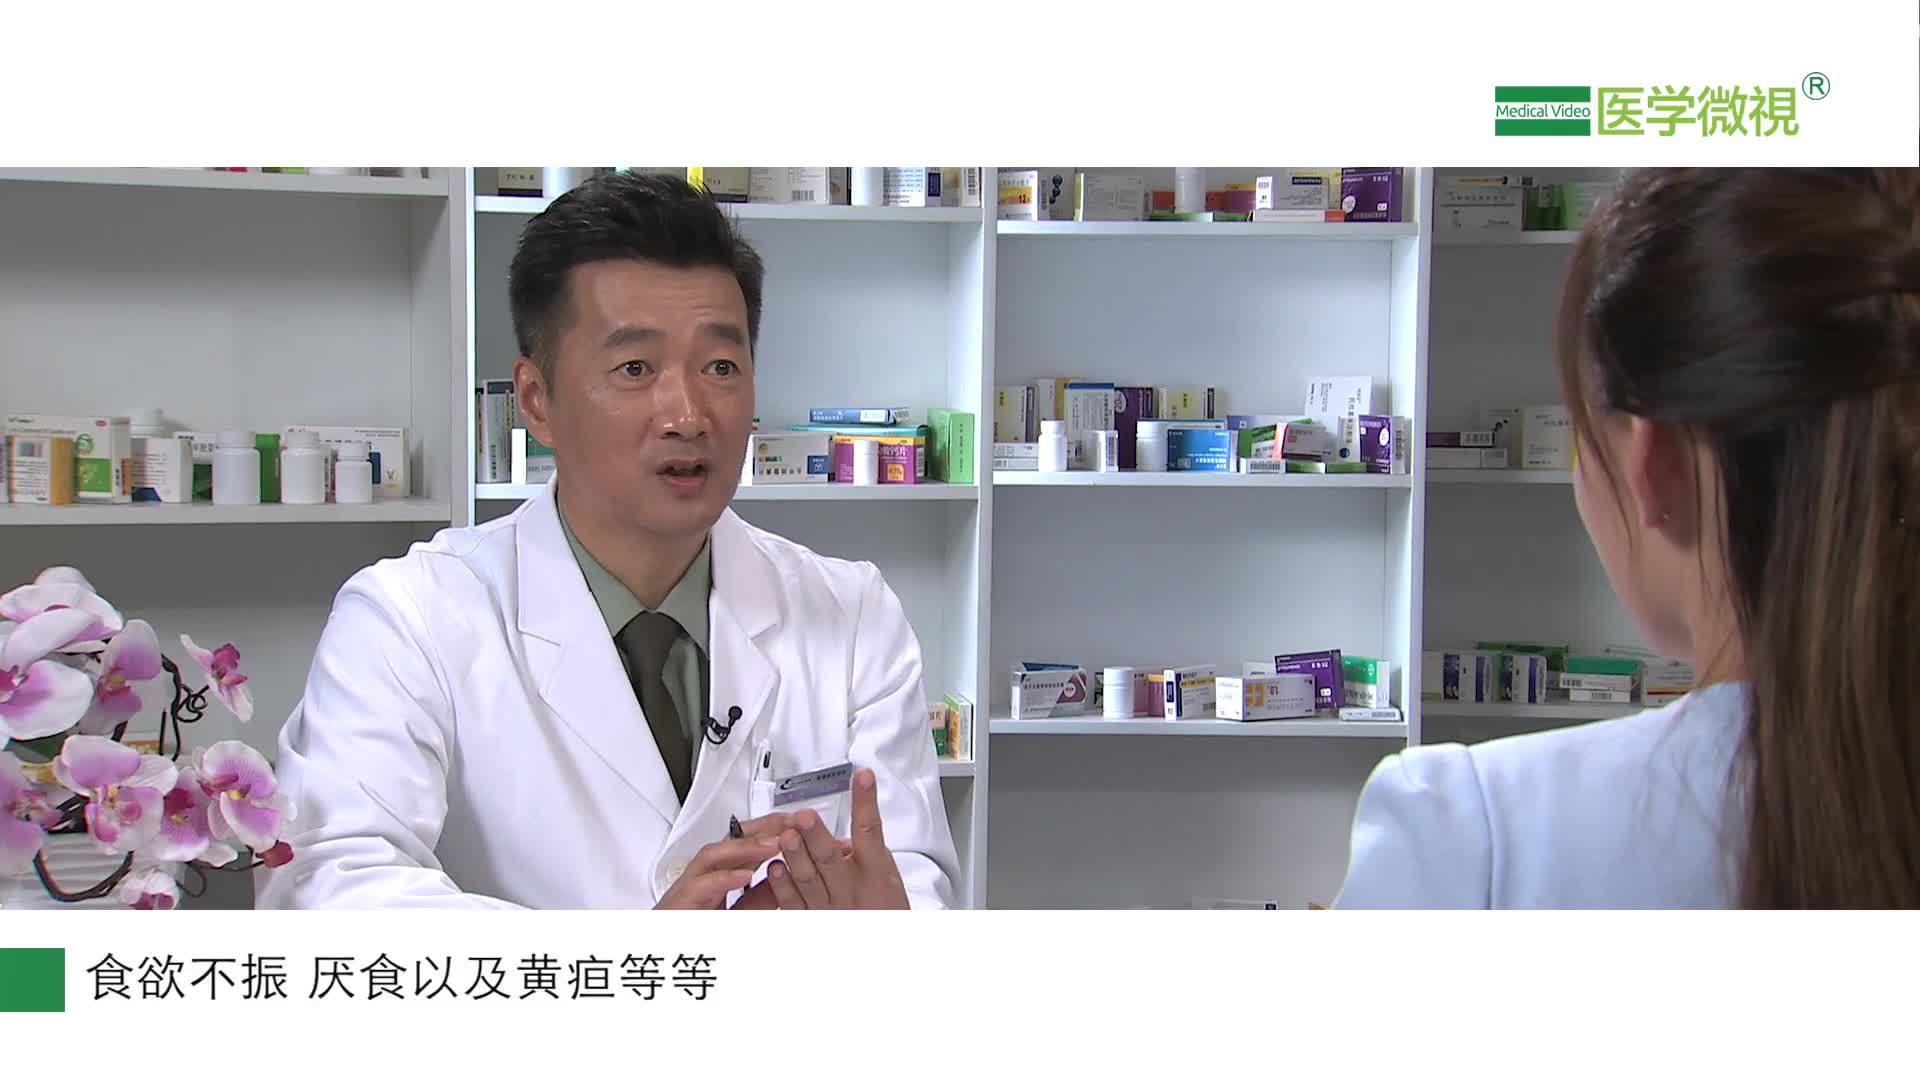 服用抗結核藥物會造成肝臟損害嗎?會導致皮膚發黑嗎?吃抗結核藥能喝豆漿嗎?